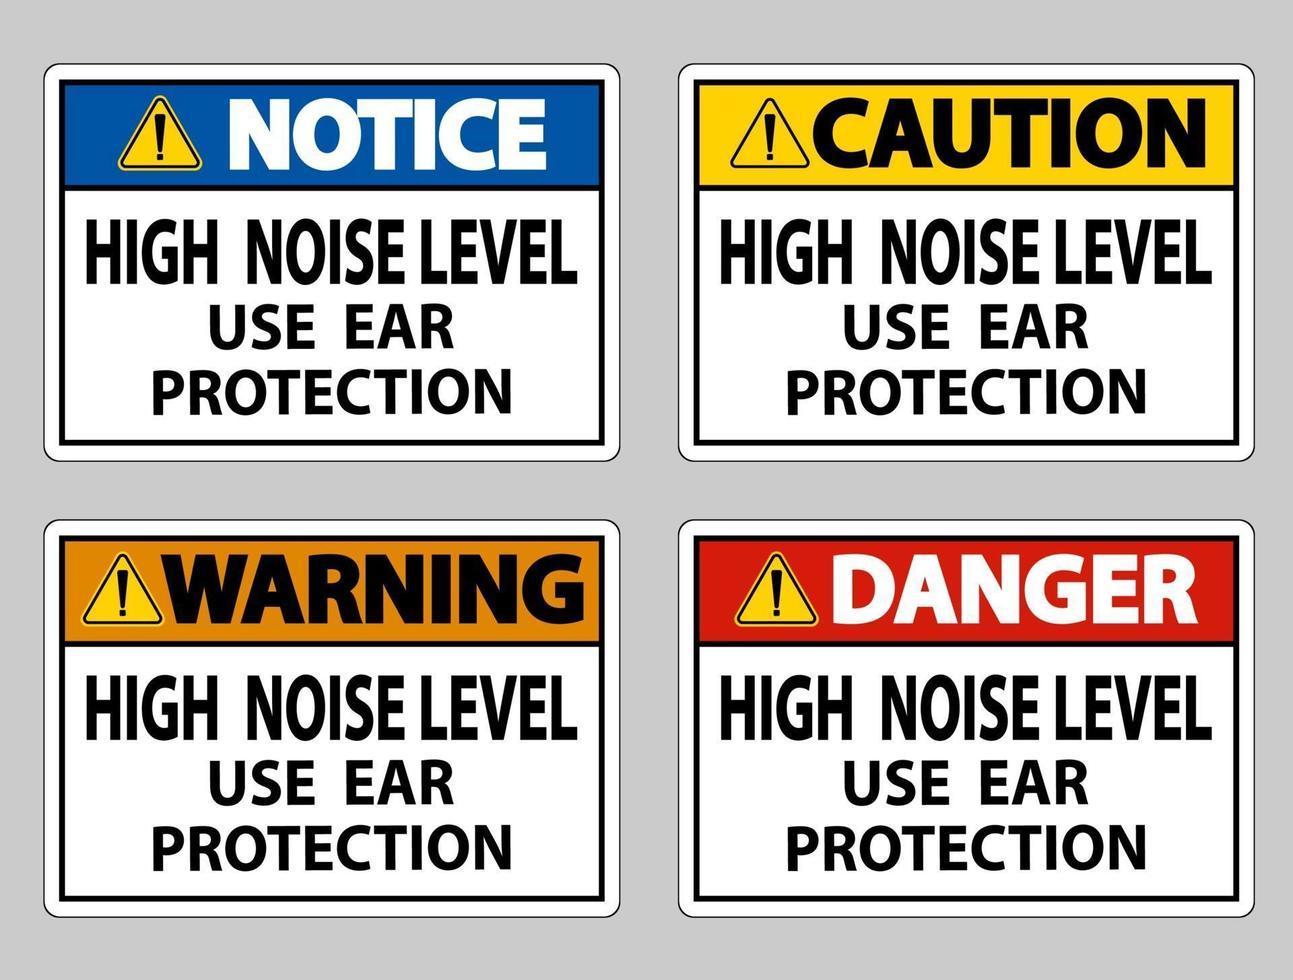 hög ljudnivå använd hörselskyddsset vektor